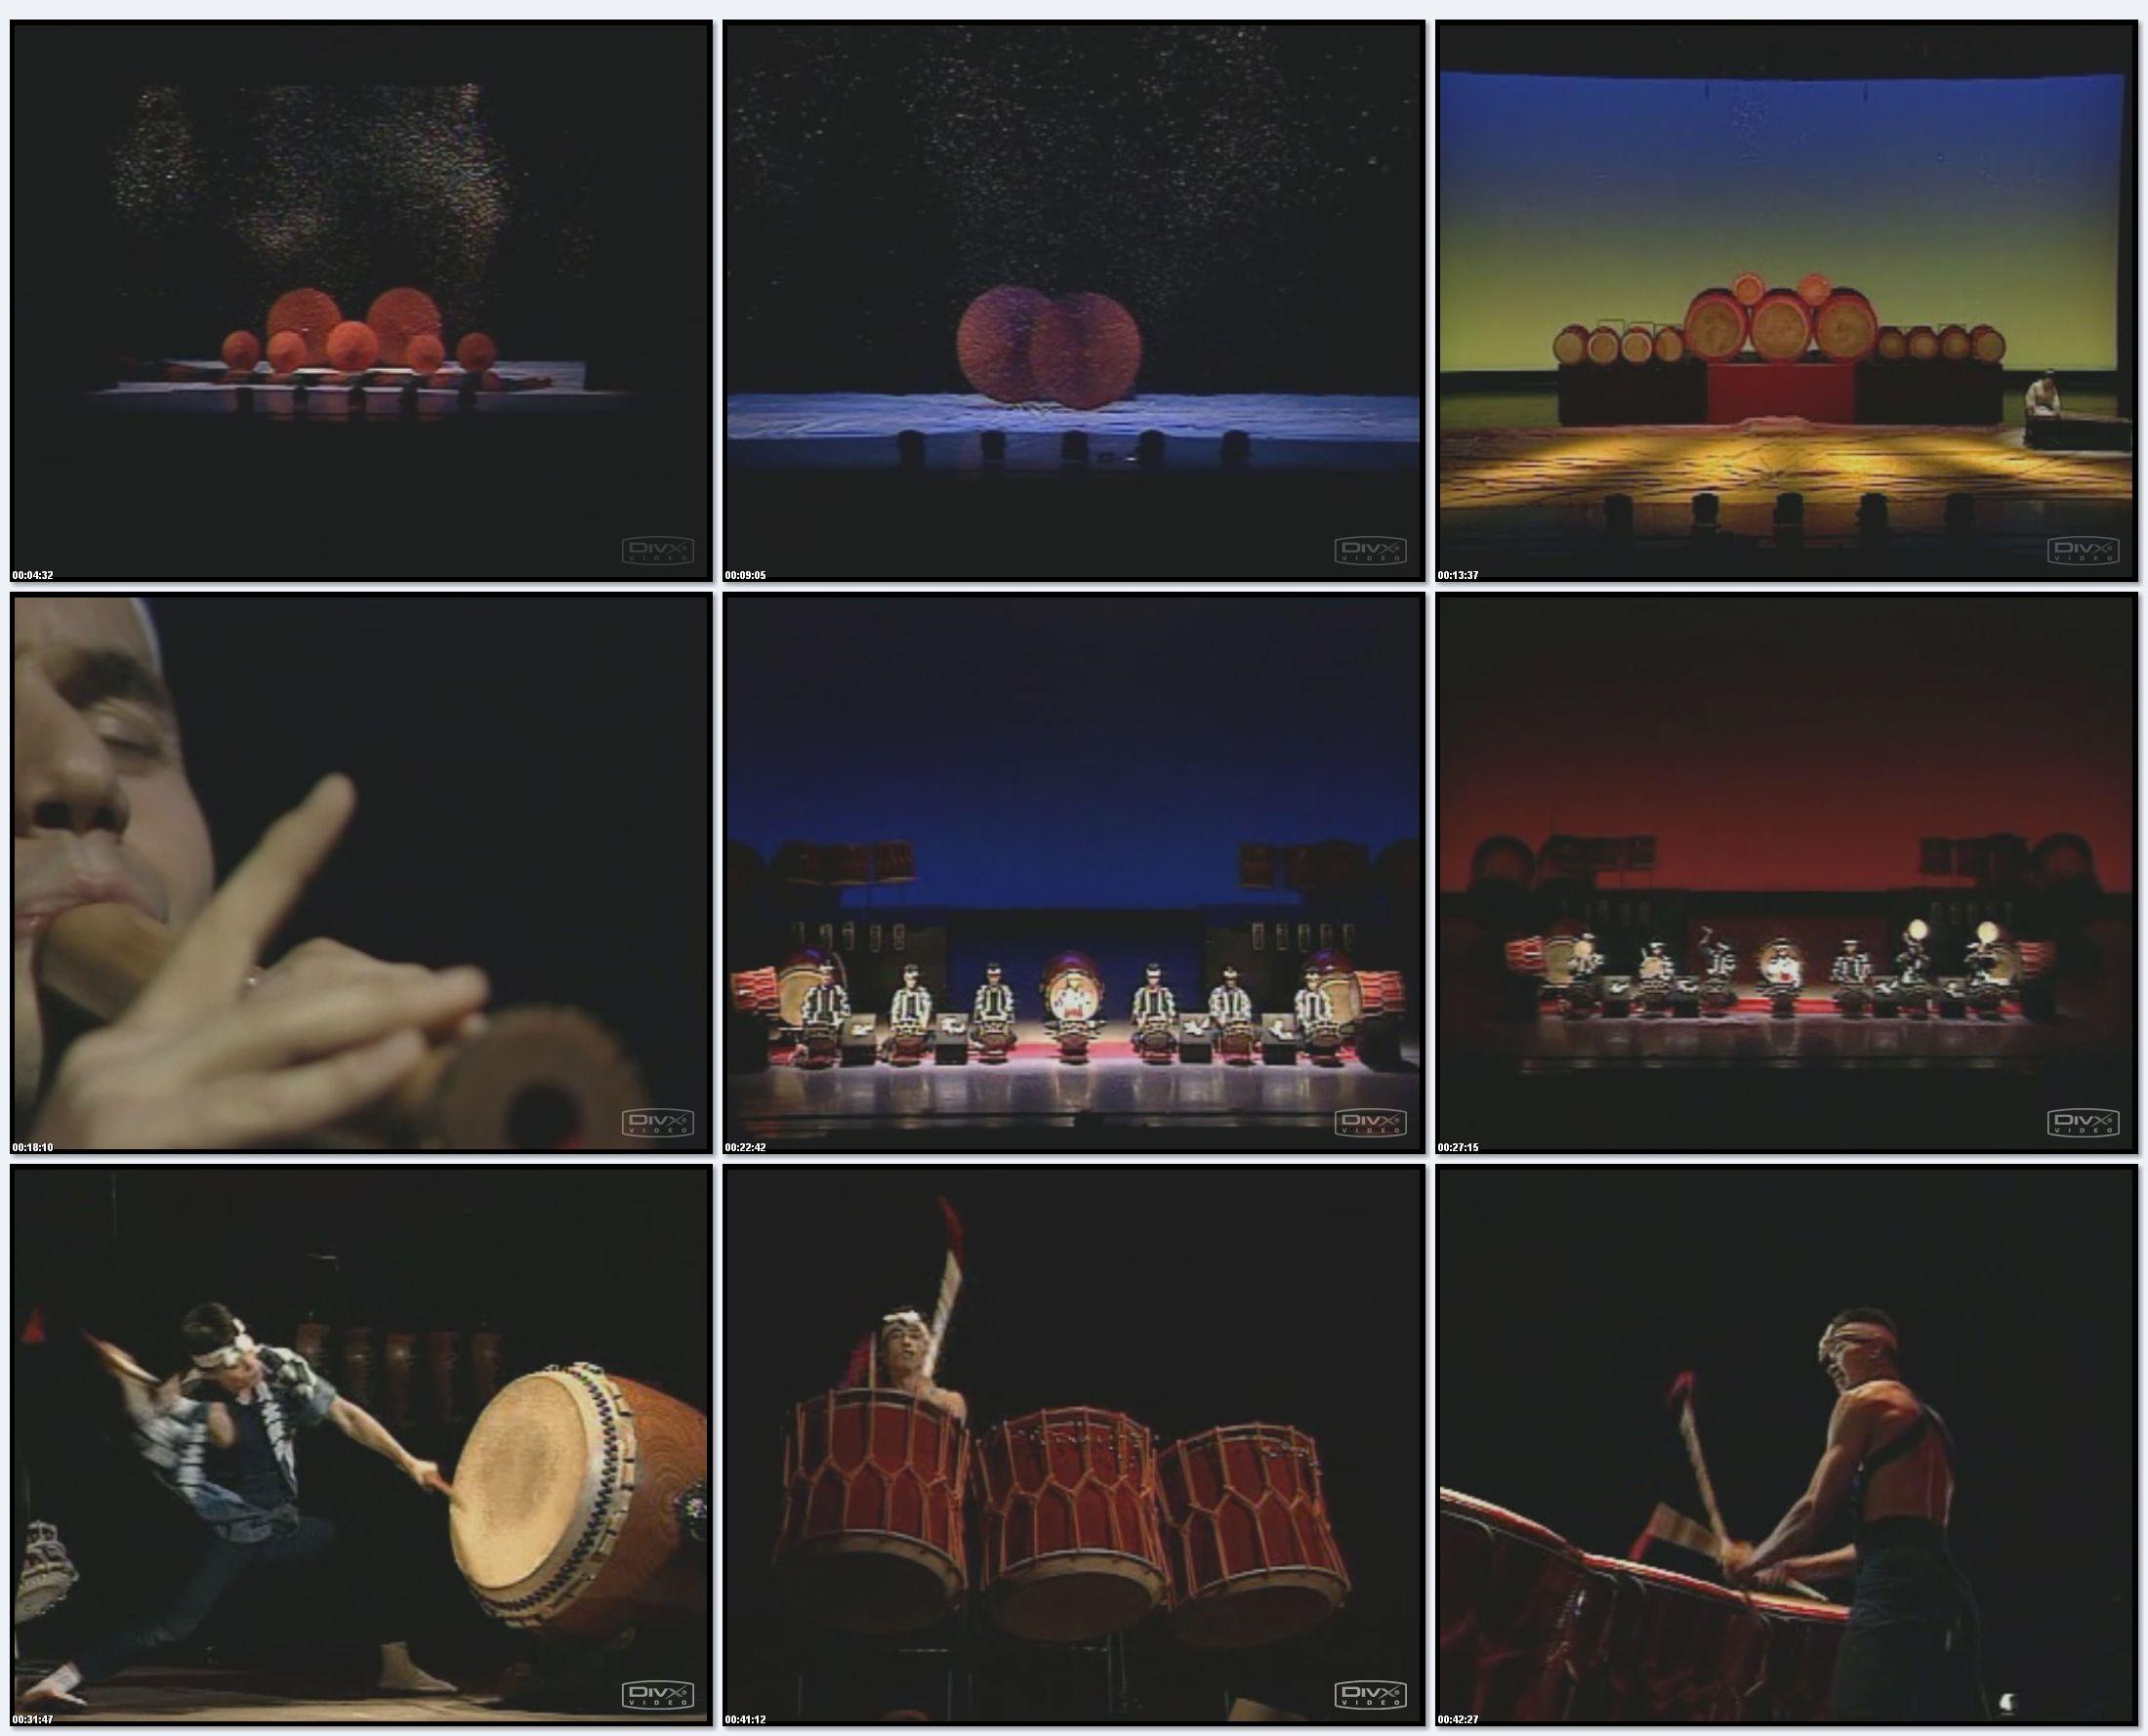 Видео запись шоу Ondekoza 95 года / Ondekoza Live'95